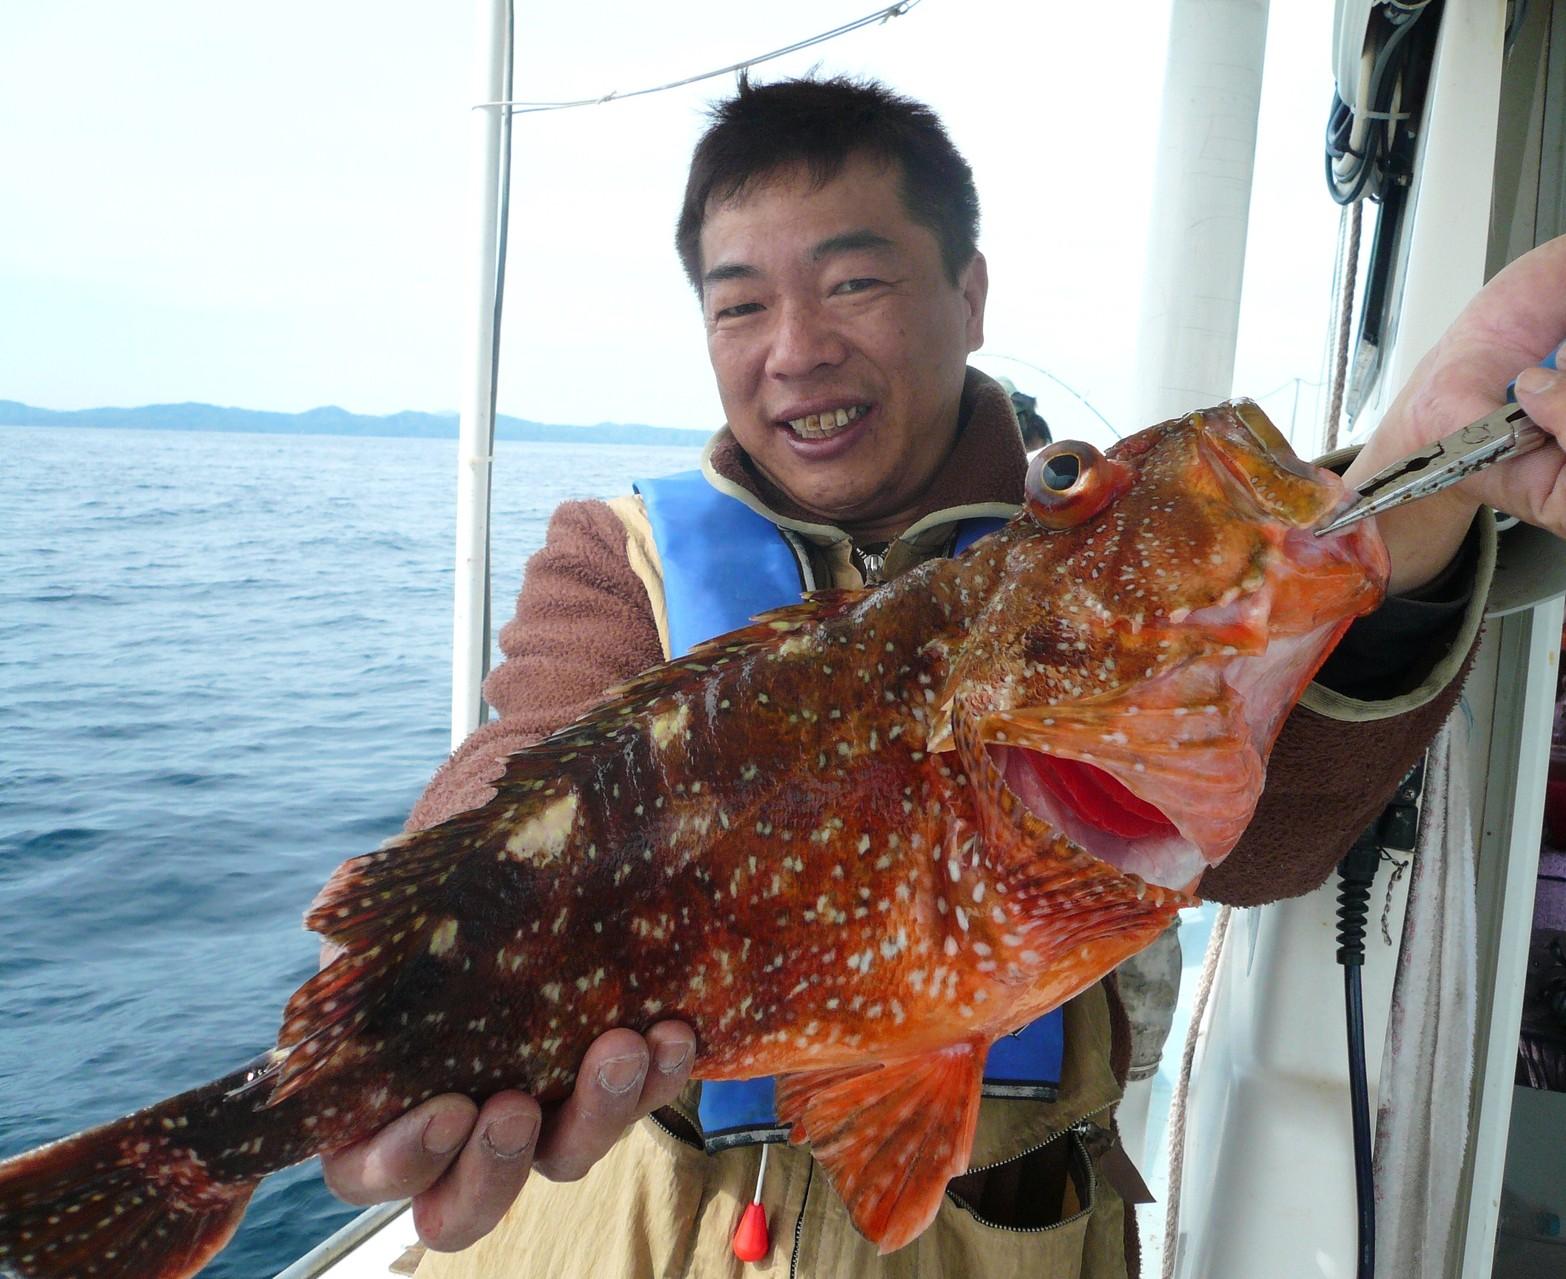 5月4日 三界のポイント有吉さん 鯛ラバー 鯛ラバーで ウッカリカサゴ1.8kg